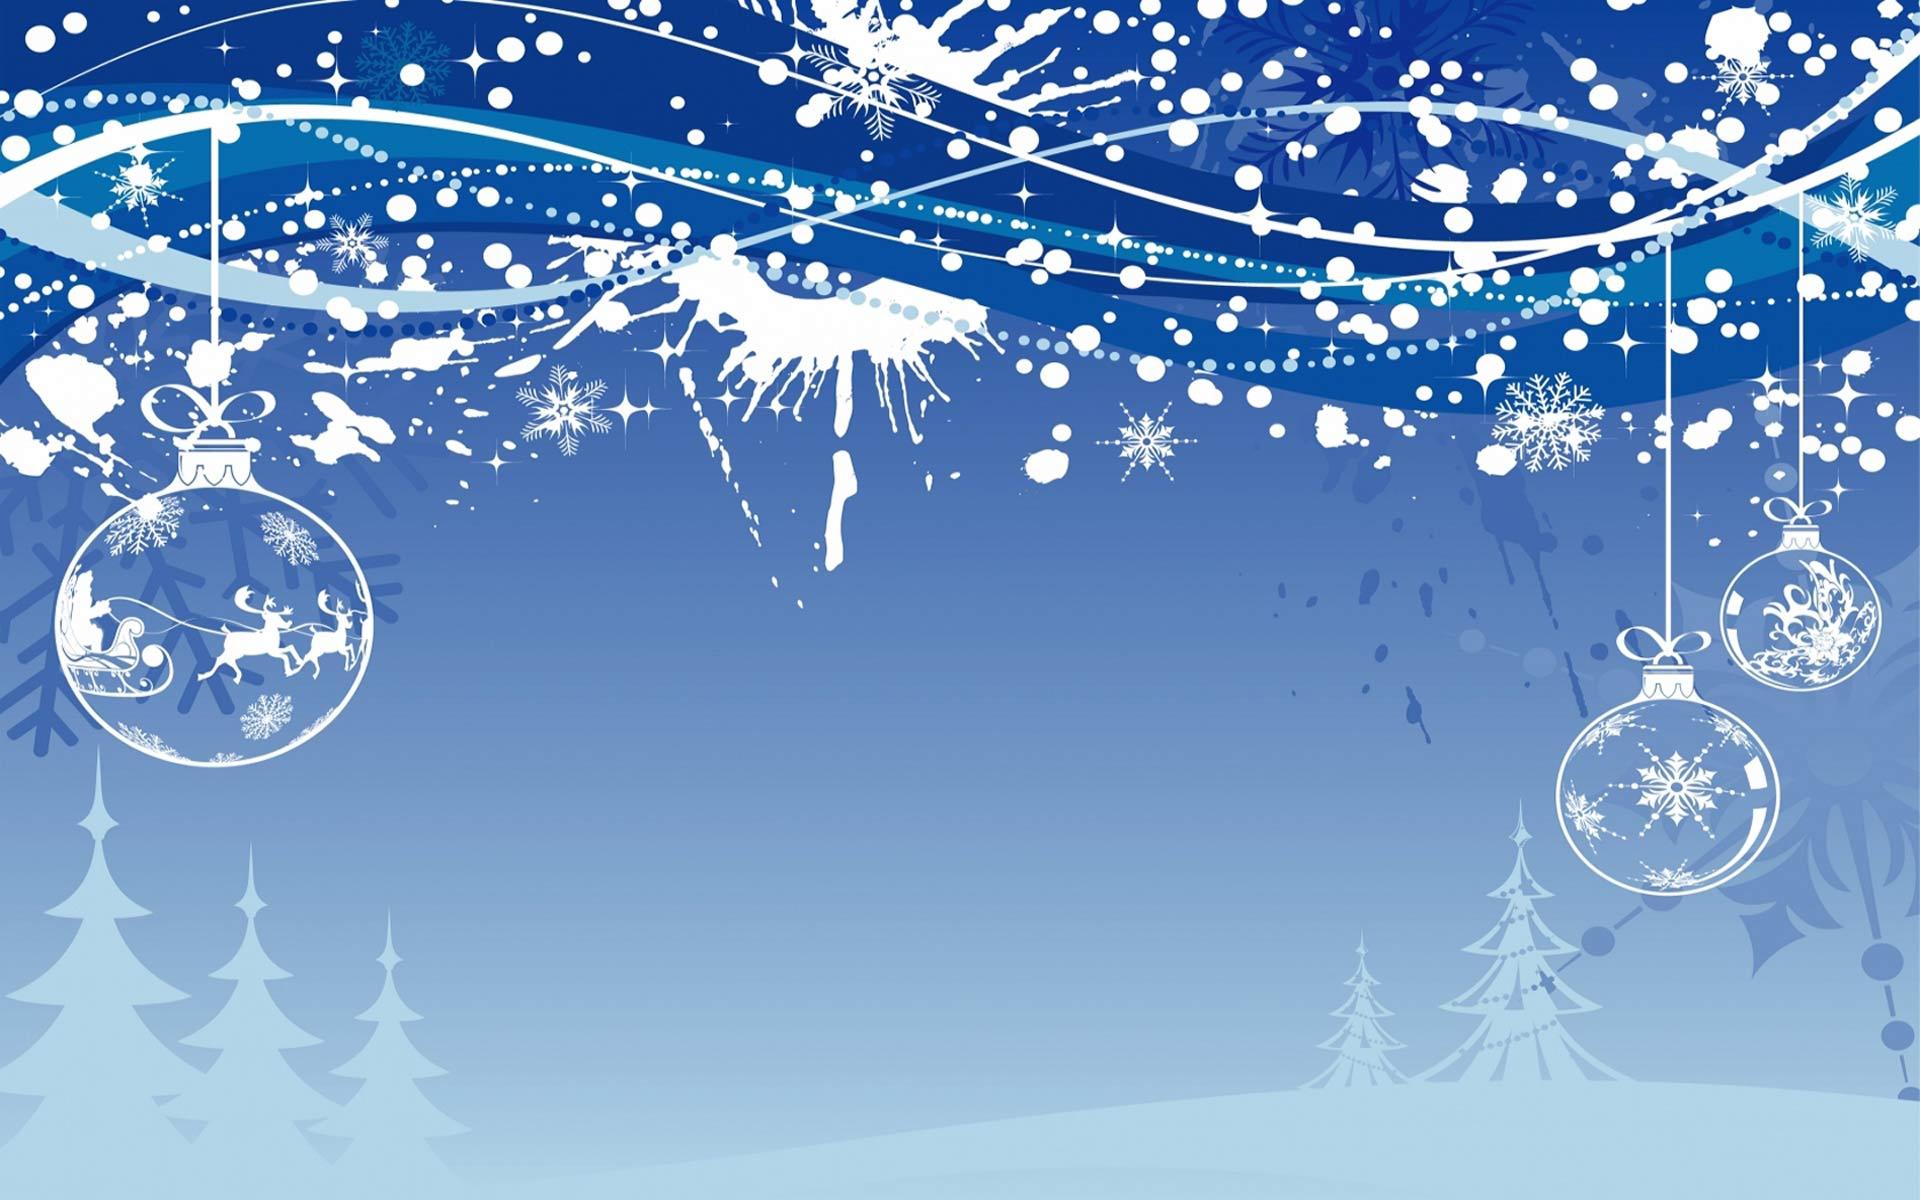 Free Desktop Wallpaper Christmas - WallpaperSafari